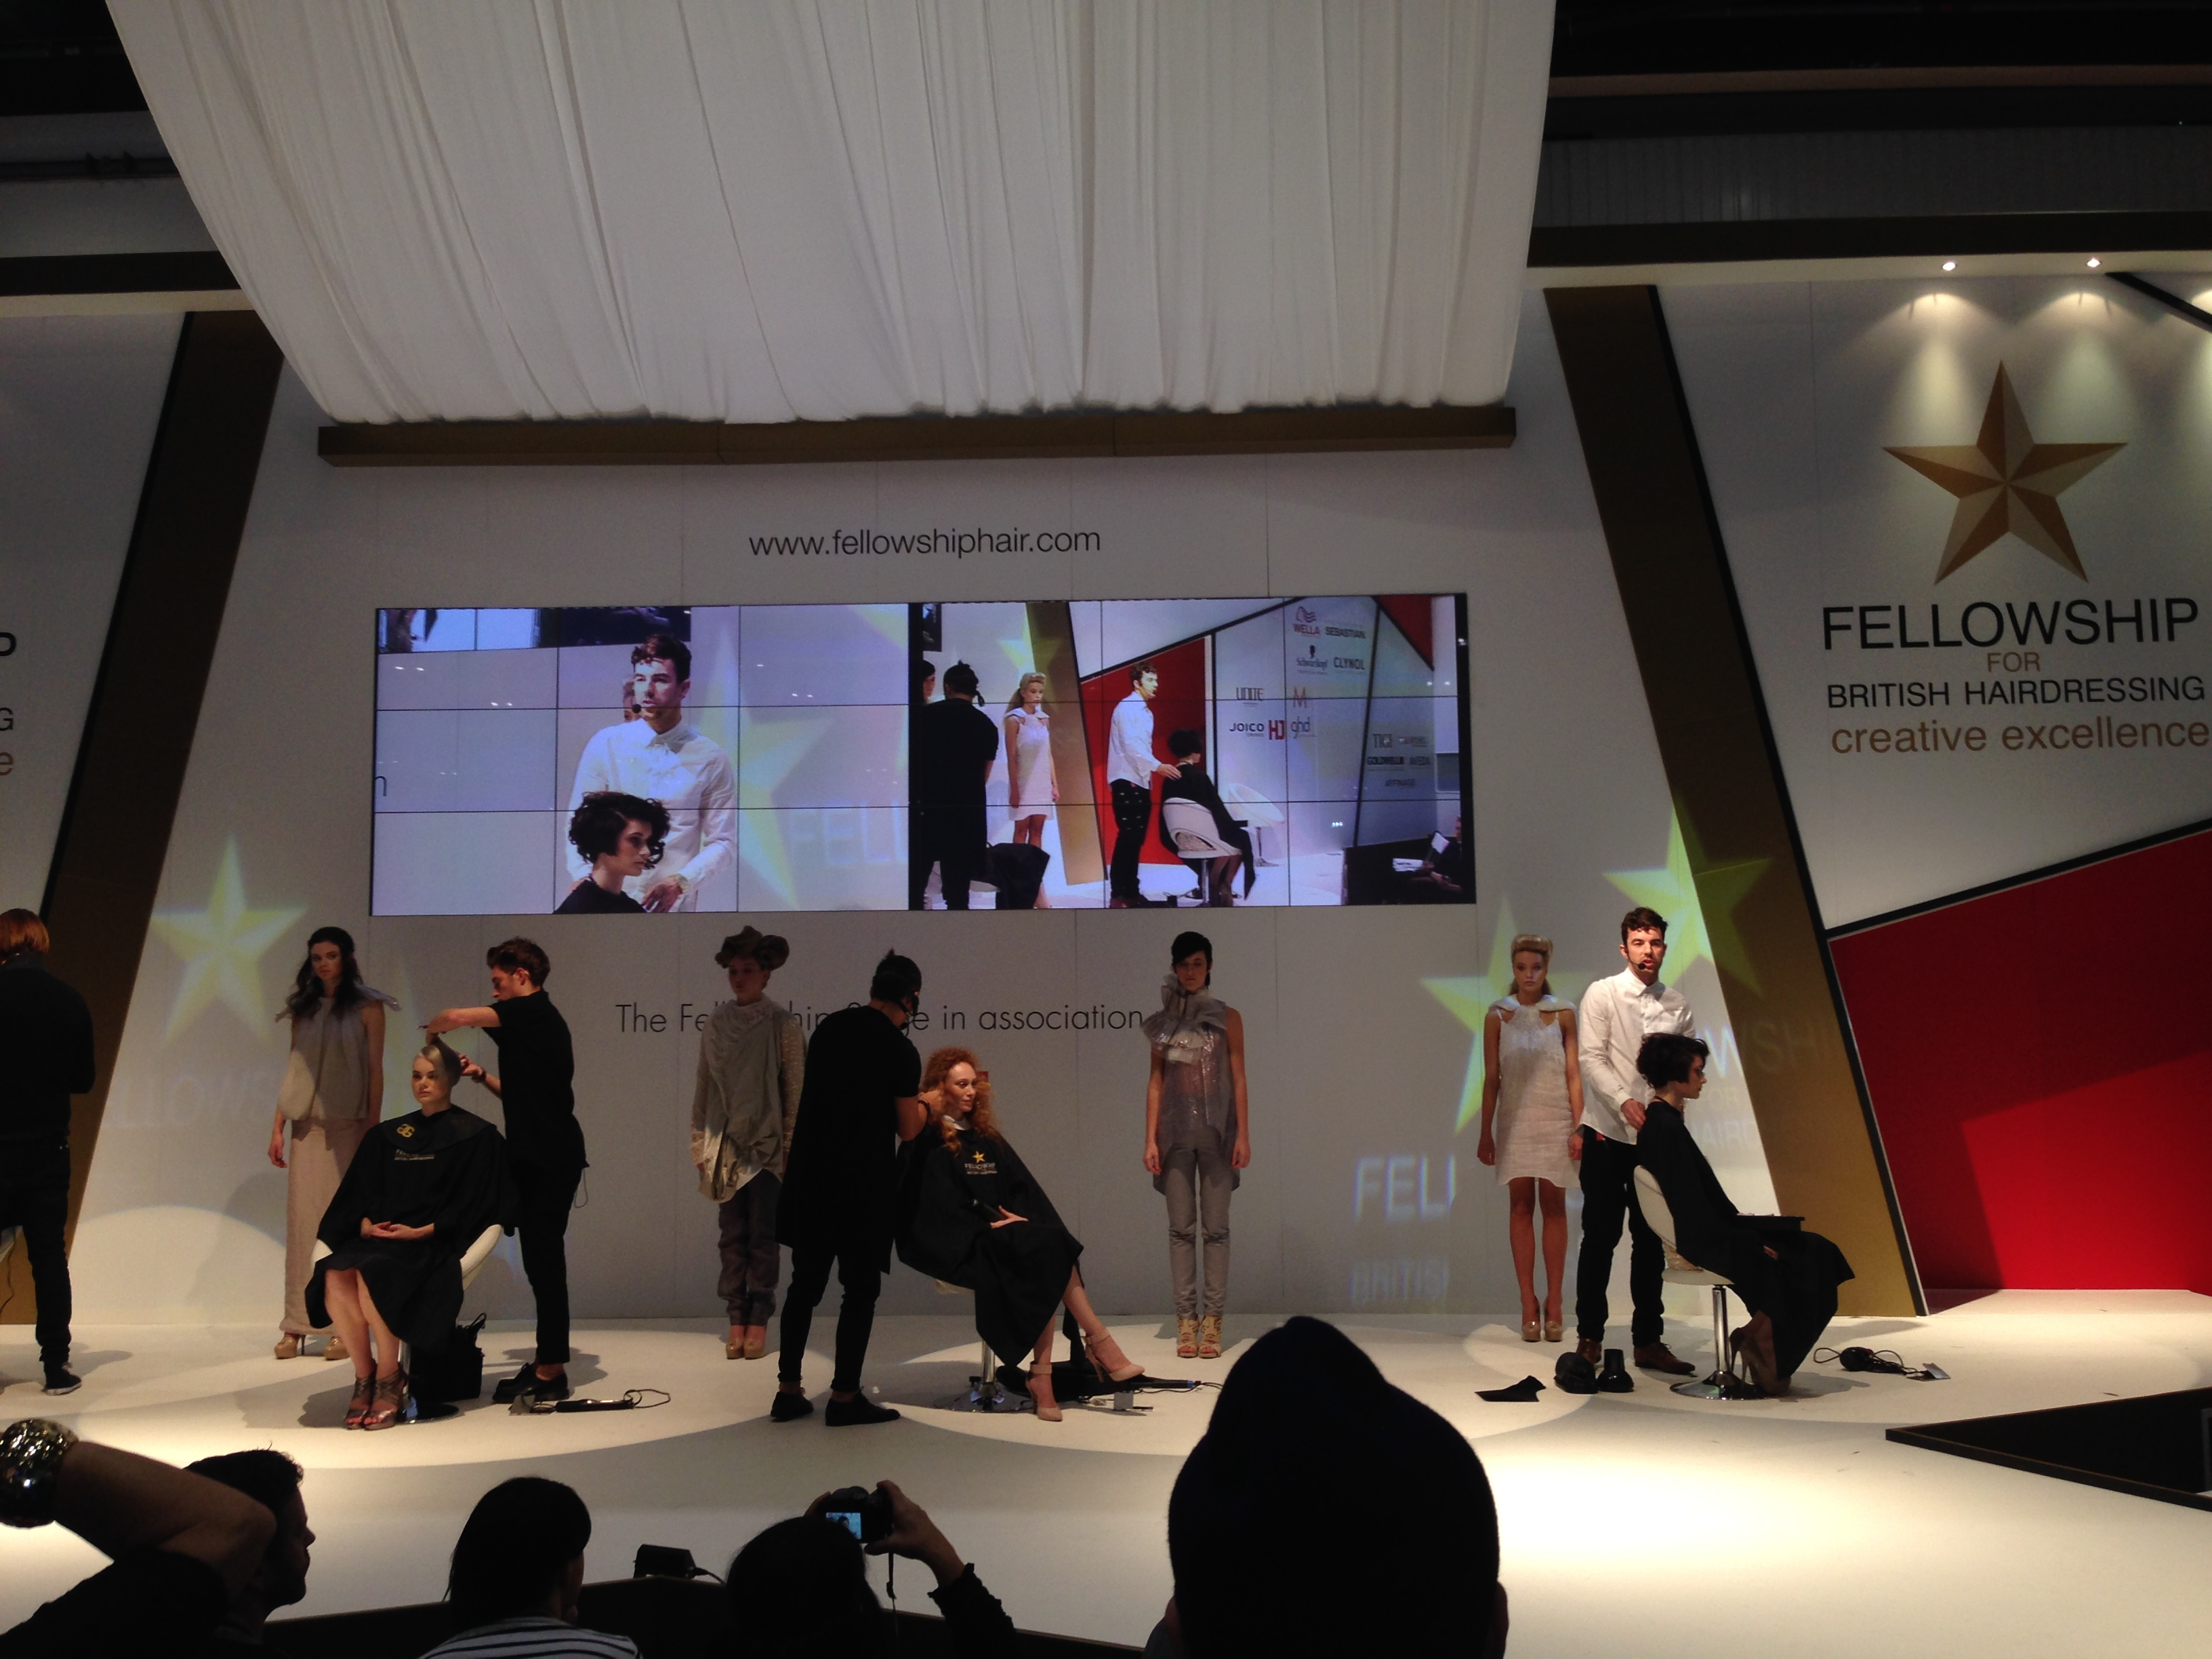 london-hair-expo-2013-fellowship-3.jpg